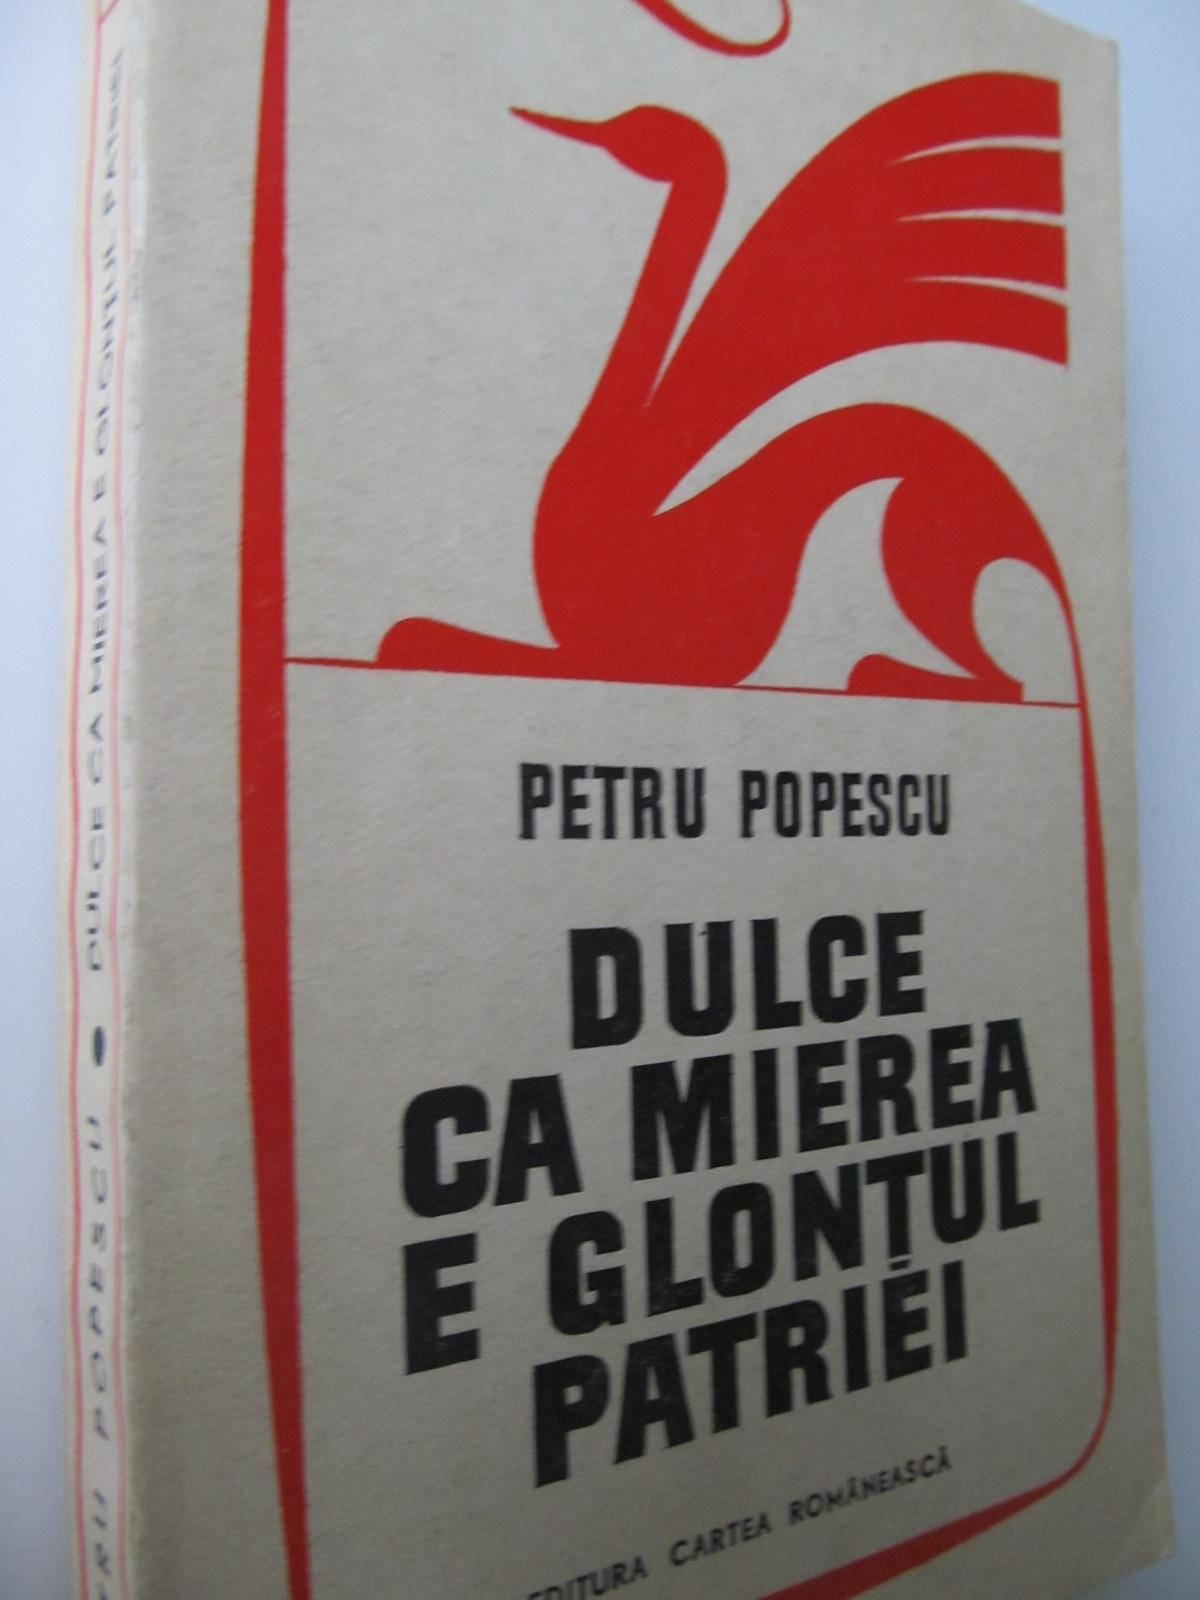 Dulce ca mierea e glontul patriei - Petru Popescu | Detalii carte